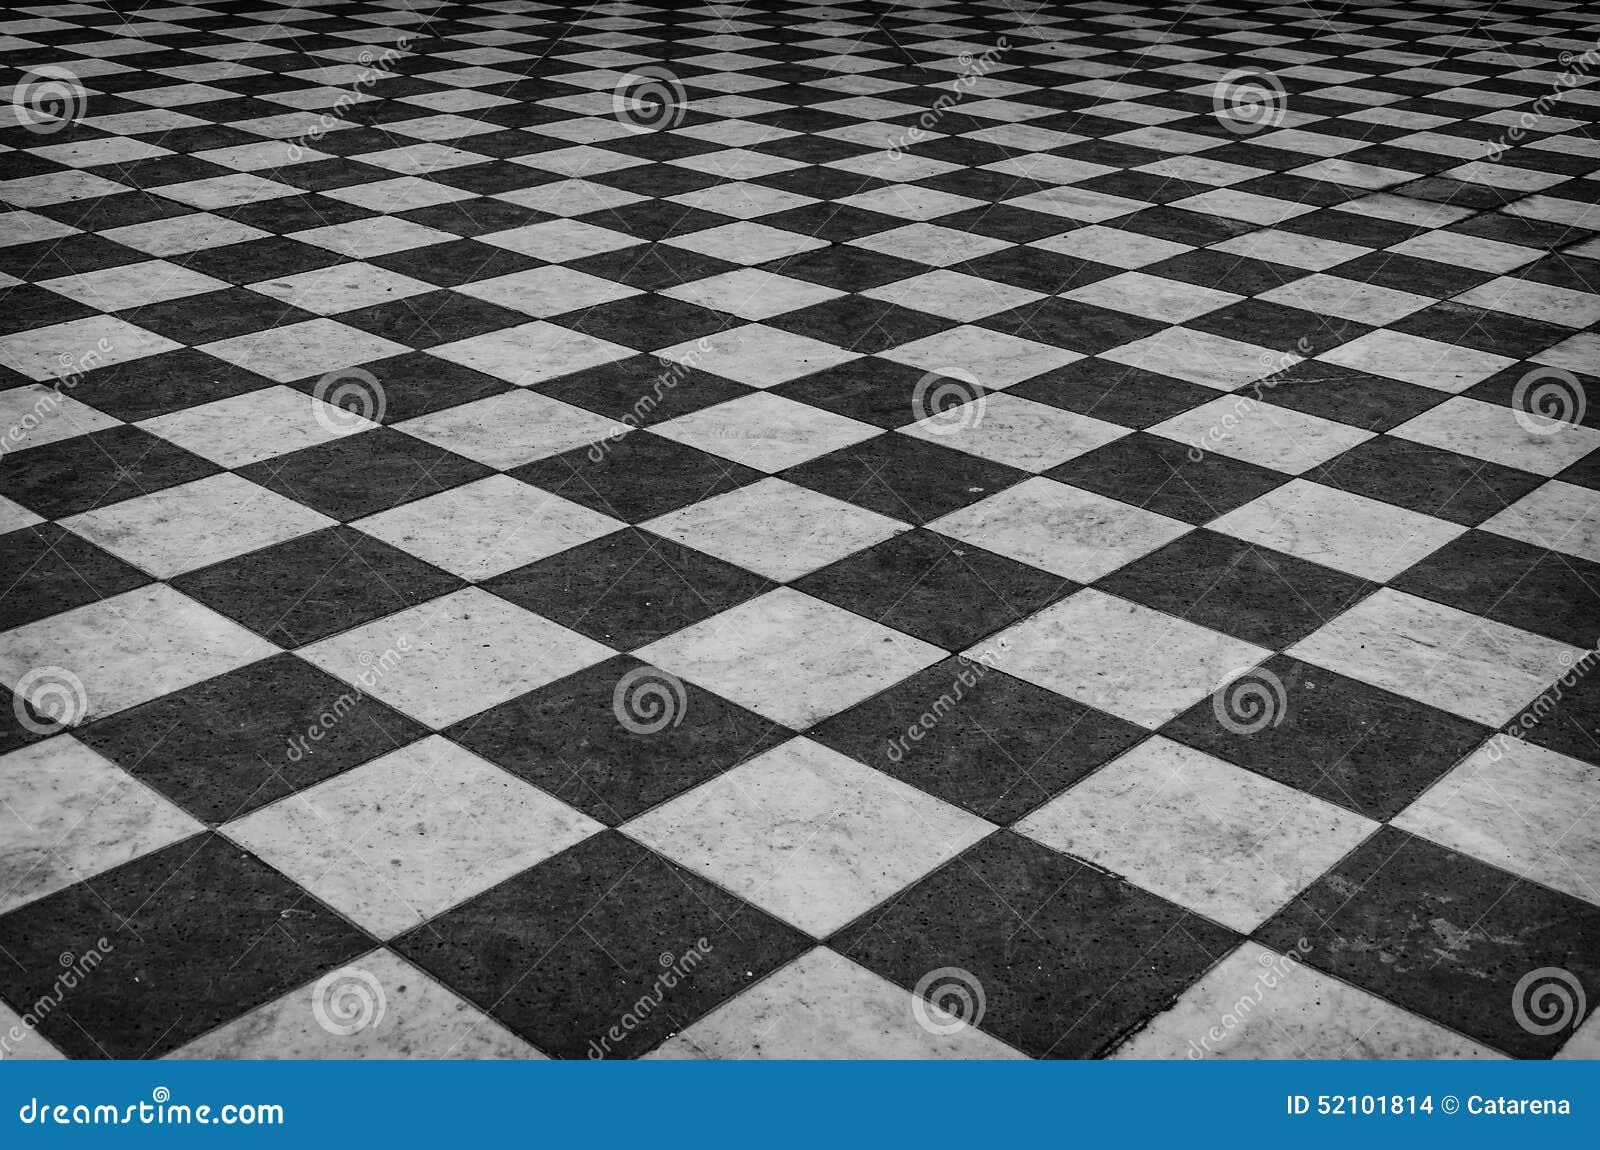 Piso de m rmol a cuadros blanco y negro foto de archivo for Marmol negro y blanco